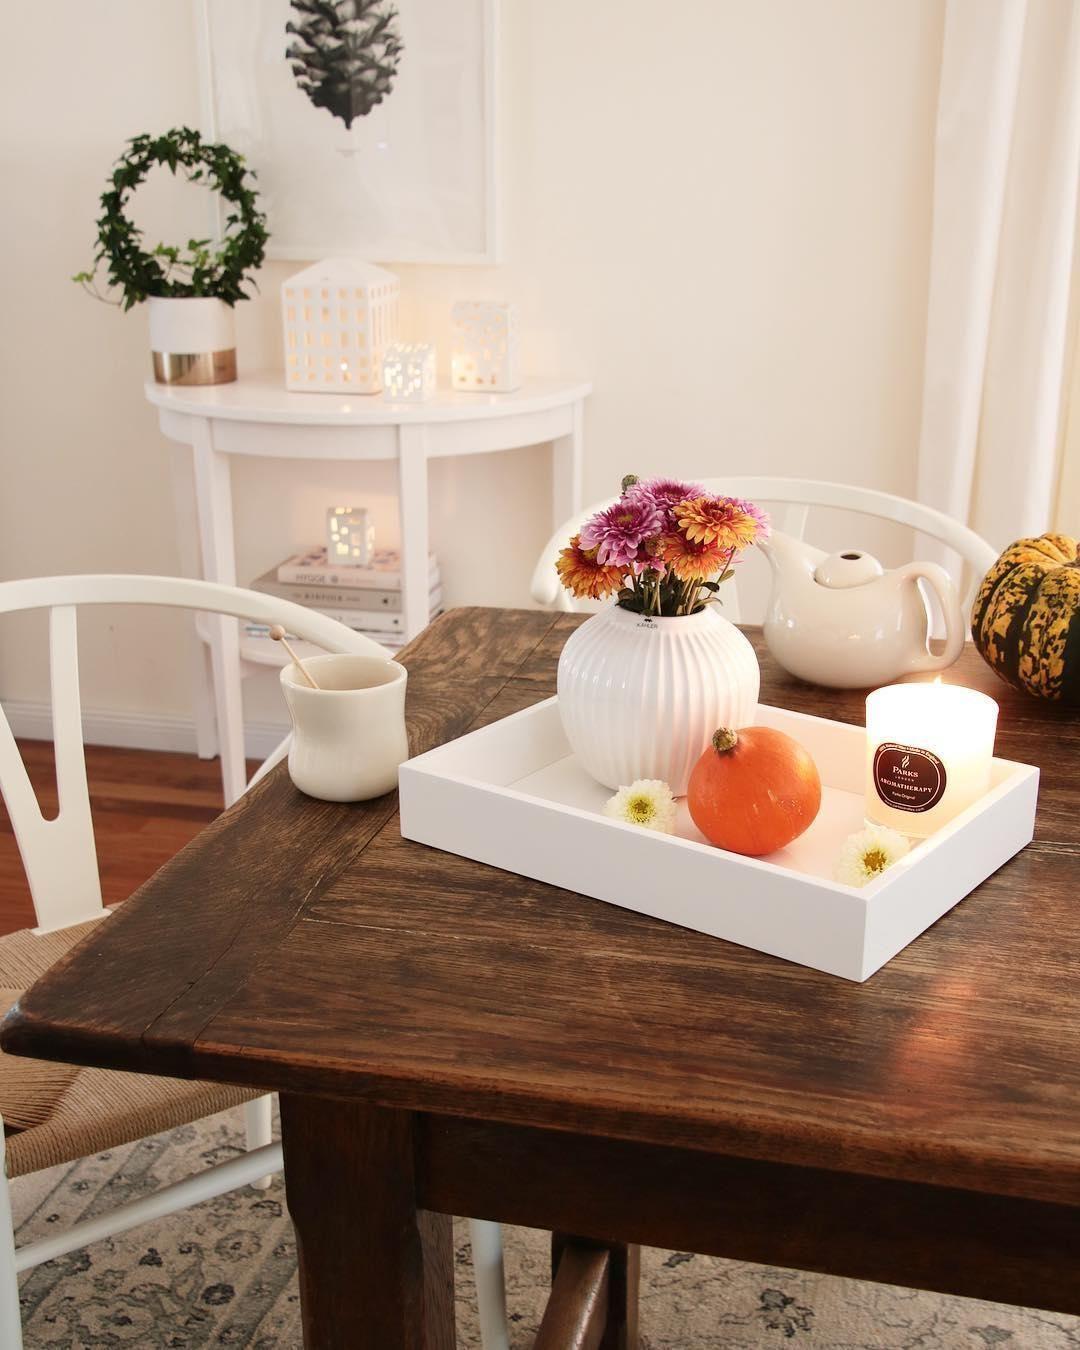 Tablett Tracy #tischdekoherbstesstisch Das Tablett Tracy ist die perfekte Basis für Deine Herbstdekoration! Einfach eine wunderschöne Vase mit Herbstblumen, eine Duftkerze und einen kleinen Kürbis auf dem Tablett platzieren - fertig ist eine herbstliche Tischdeko! // Esszimmer Herbst Tischdekoration Herbstdekoration Tablett Esstisch #Esszimmer #EsszimmerDekoration #EsszimmerIdeen #Tischdeko #HerbstDekoration @roeda_hus #herbstlichetischdeko Tablett Tracy #tischdekoherbstesstisch Das Tablett T #herbstlichetischdeko